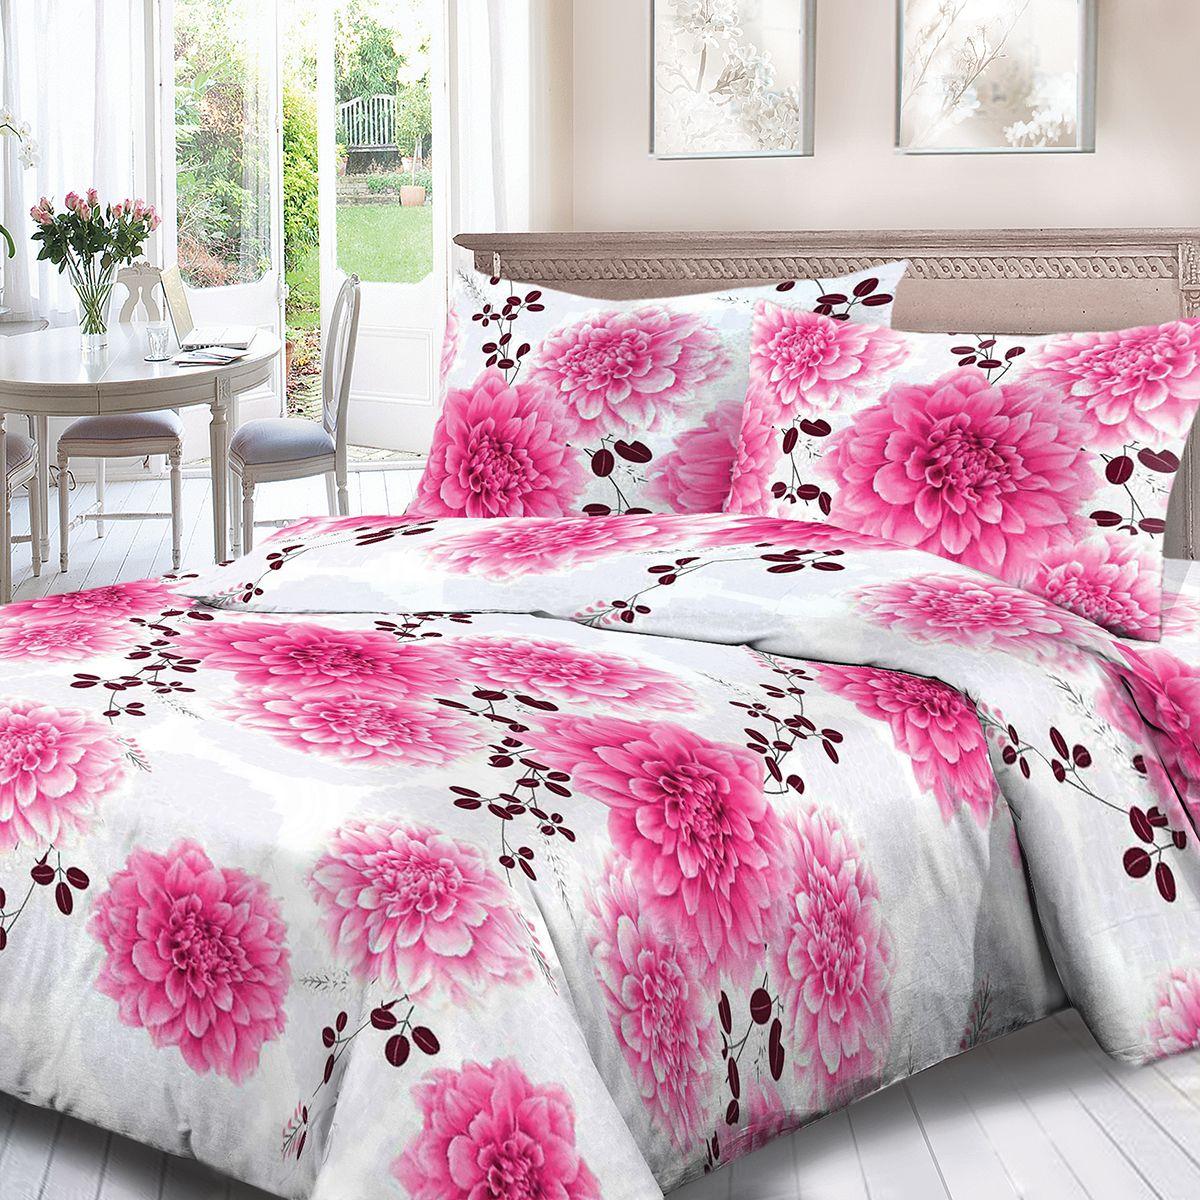 Комплект белья Для Снов Флер, 1,5-спальное, наволочки 70x70, цвет: розовый86481Постельное белье из высококачественного поплина ( Ткань Традиция) , в составе которого находится только 100% мерсеризованный хлопок - это идеальный выбор современной женщины. Мерсеризация подчеркивает лучшие свойства хлопка: - Ткань прочнее обычной, при этом мягкая и шелковистая; - Цвета яркие и устойчивые; - Высокая гигроскопичность; - Меньше мнется, не линяет и не садится при многократных стирках; При производстве используются только безопасные красители ведущего швейцарского производителя BEZEMA Коллекция отличается тщательно проработанными современными дизайнами, разделенными на тематические группы. Созданные талантливыми европейскими и российскими художниками, они поражают своей нежной красотой, а восхитительная упаковка придает комплекту подарочный вид. Плотность ткани: 110 г/м.кв.